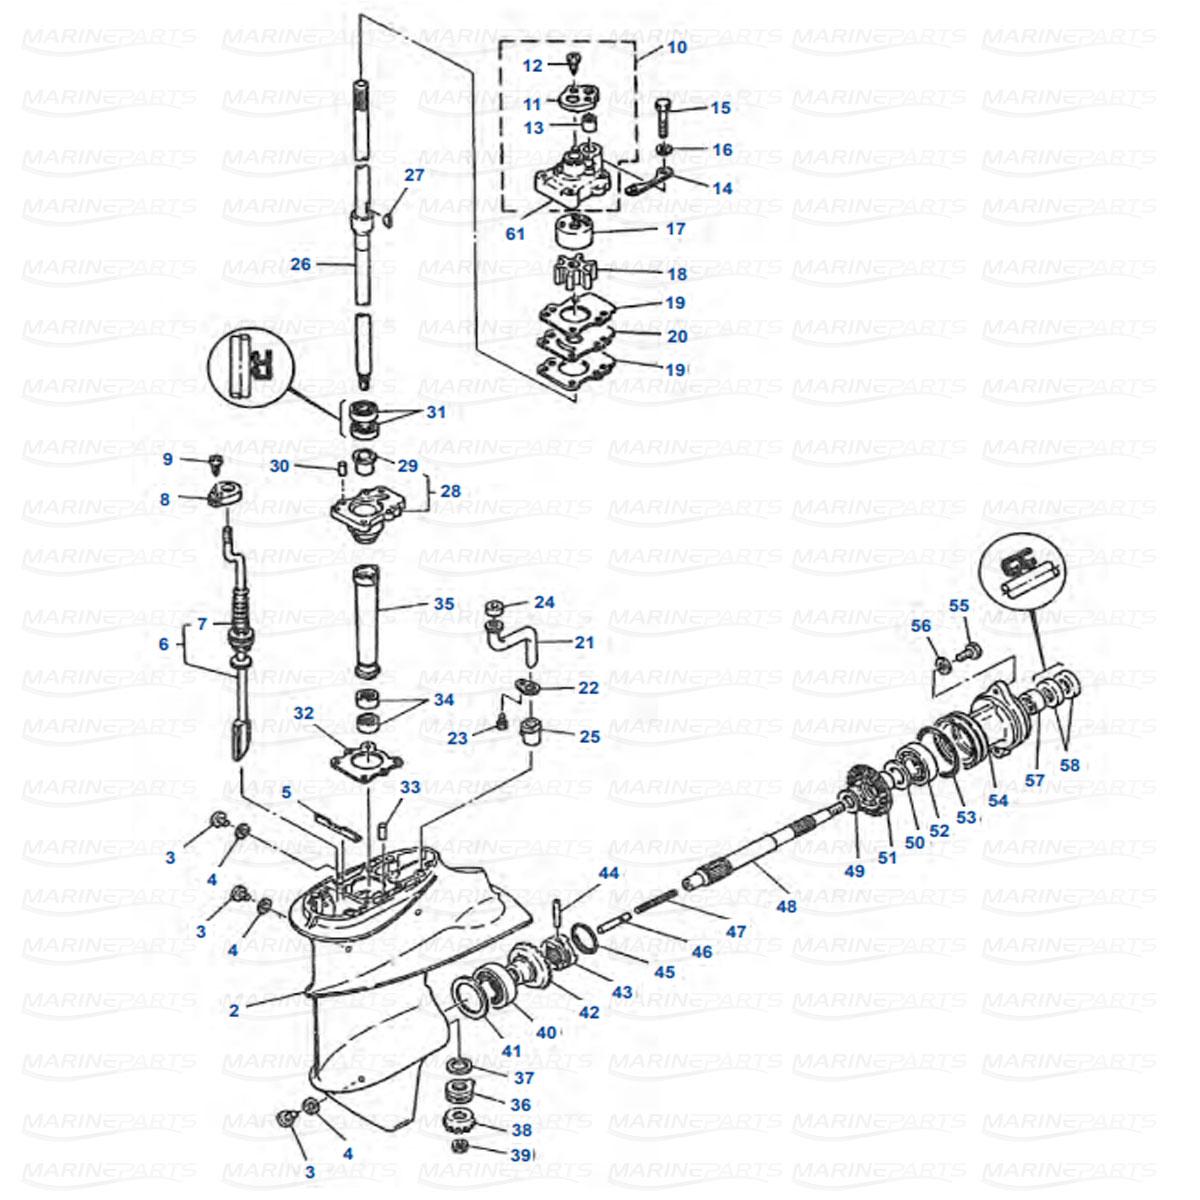 Gearcase parts Yamaha 9.9D, 15D